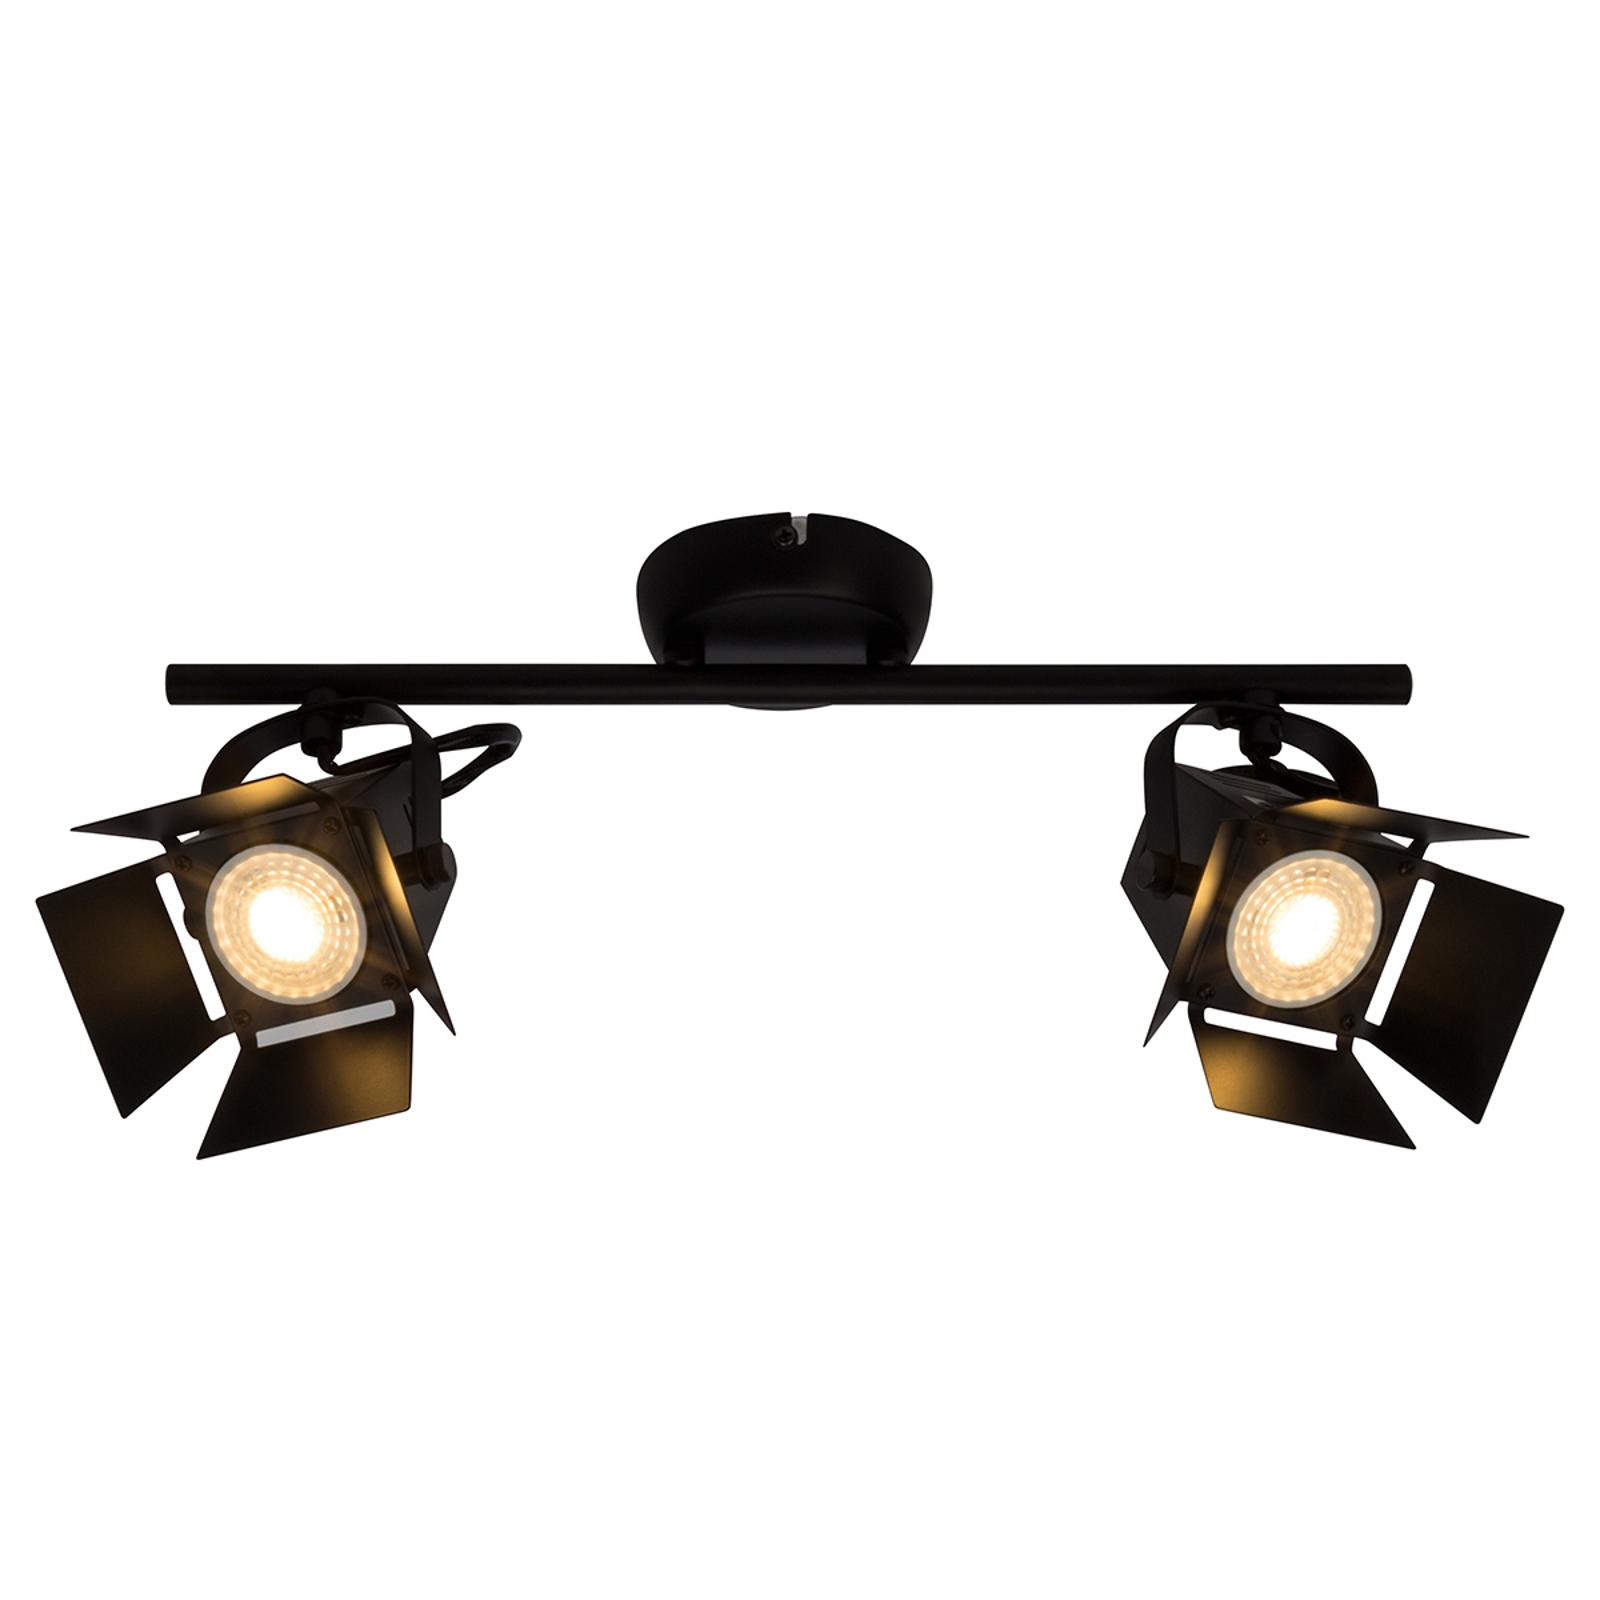 Lámpara LED de techo de 2 focos Movie, negra